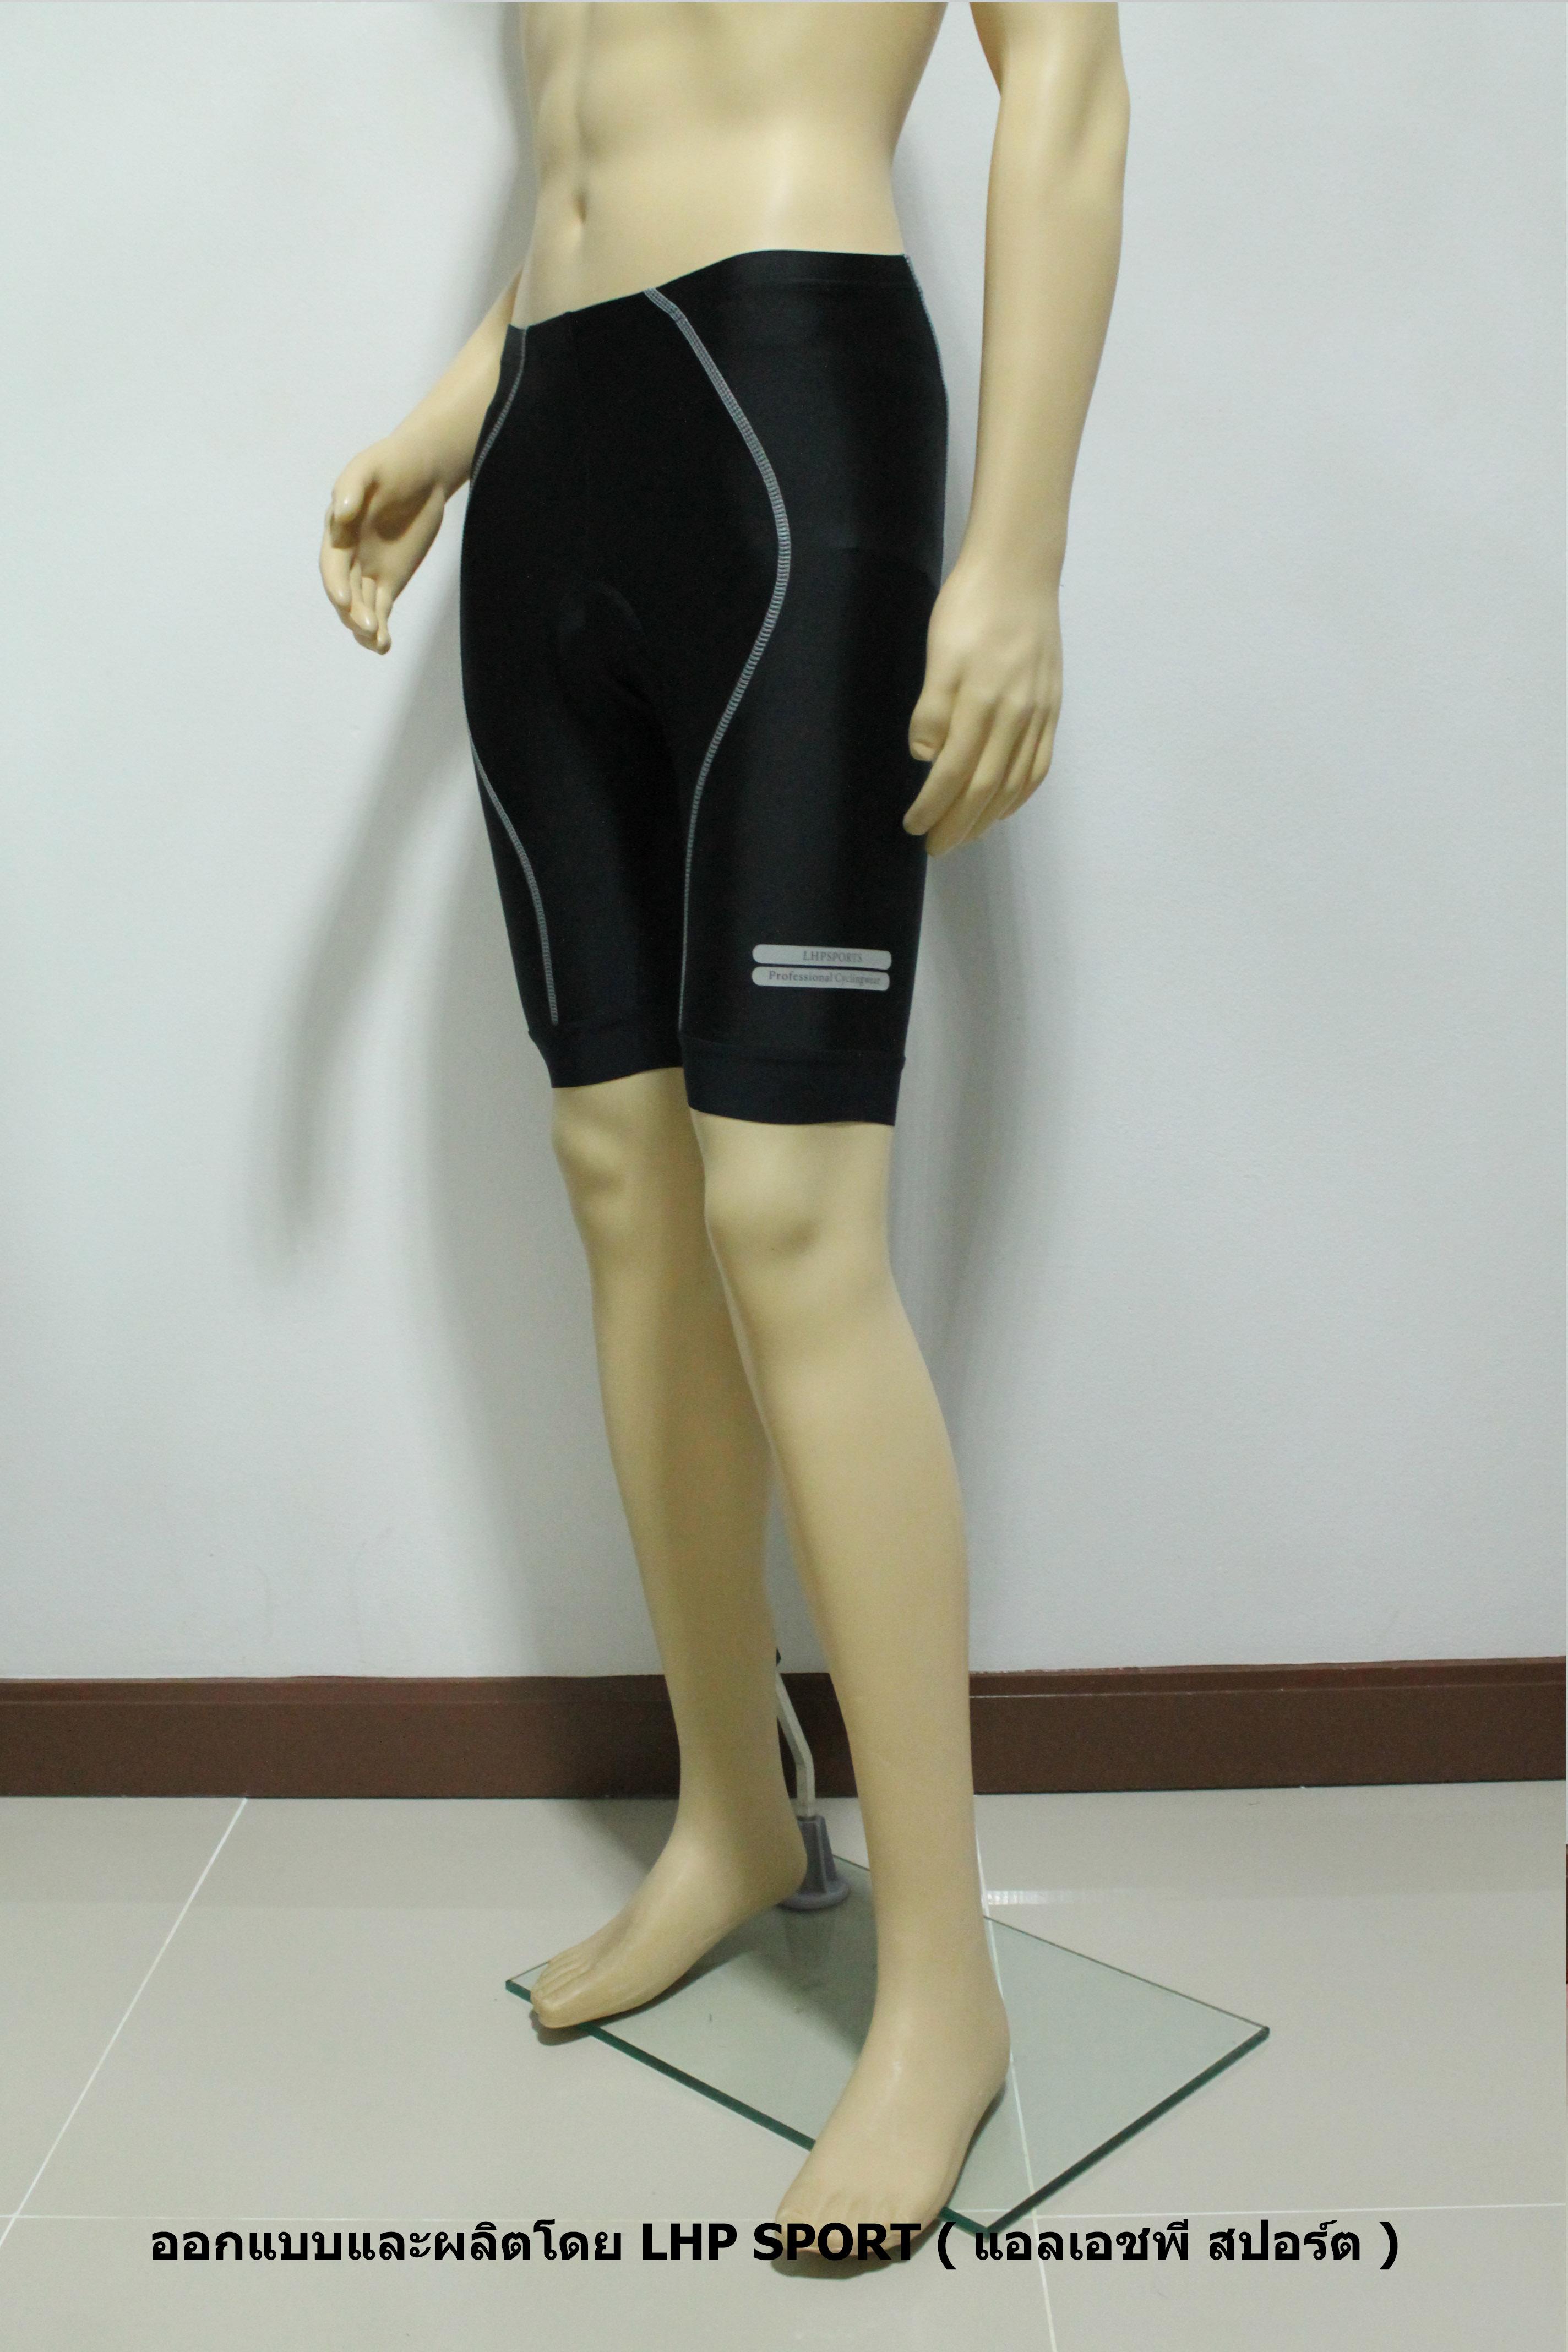 กางเกงปั่นจักรยาน เป้าเจล 7D ปลายขา Lazer Cute